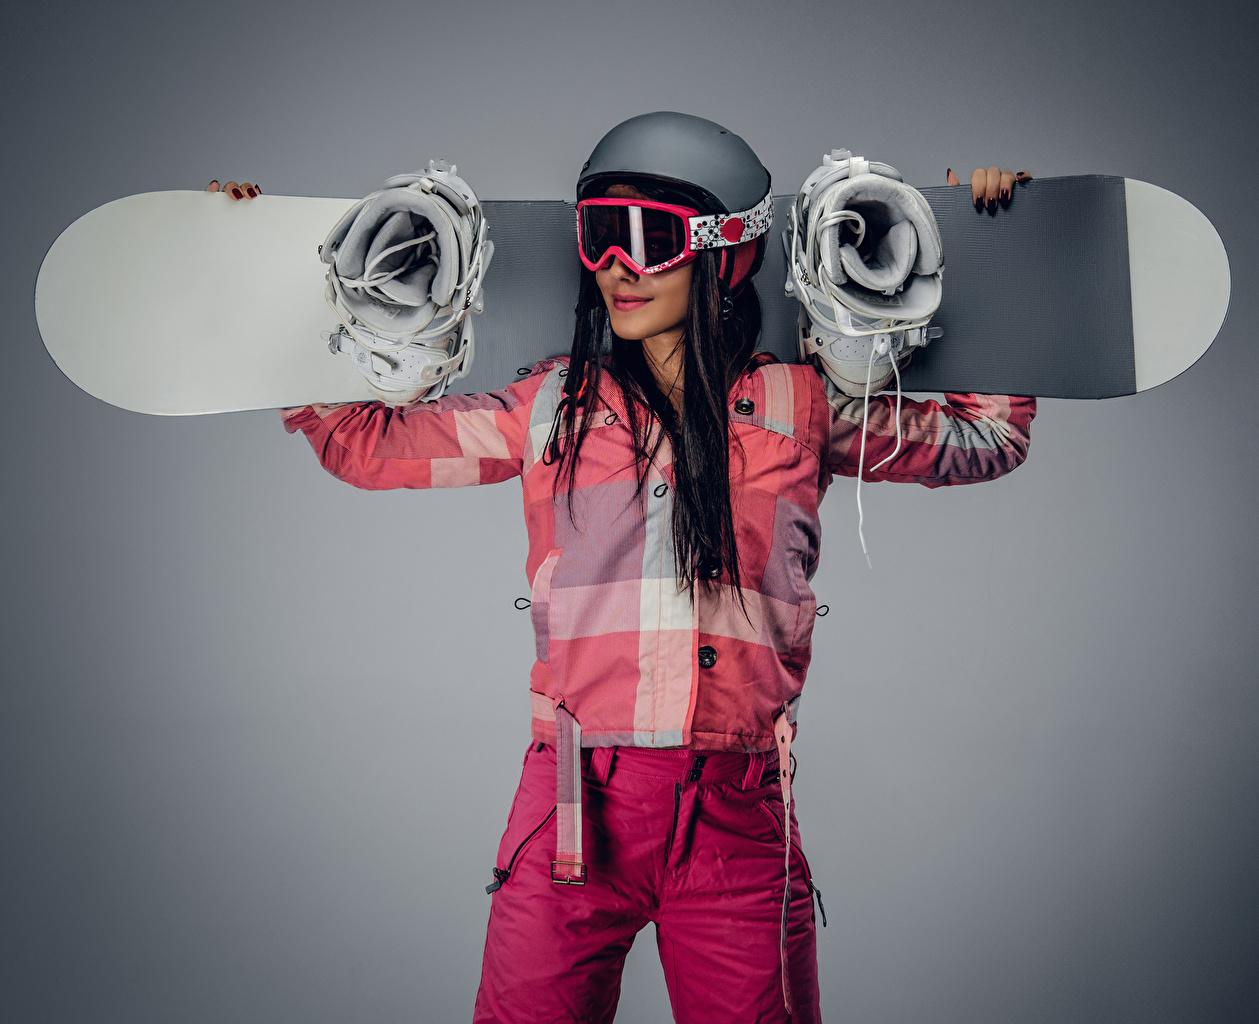 、スノーボード、グレーの背景、茶色の髪の女性、ヘルメット、眼鏡、若い女性、少女、スポーツ、